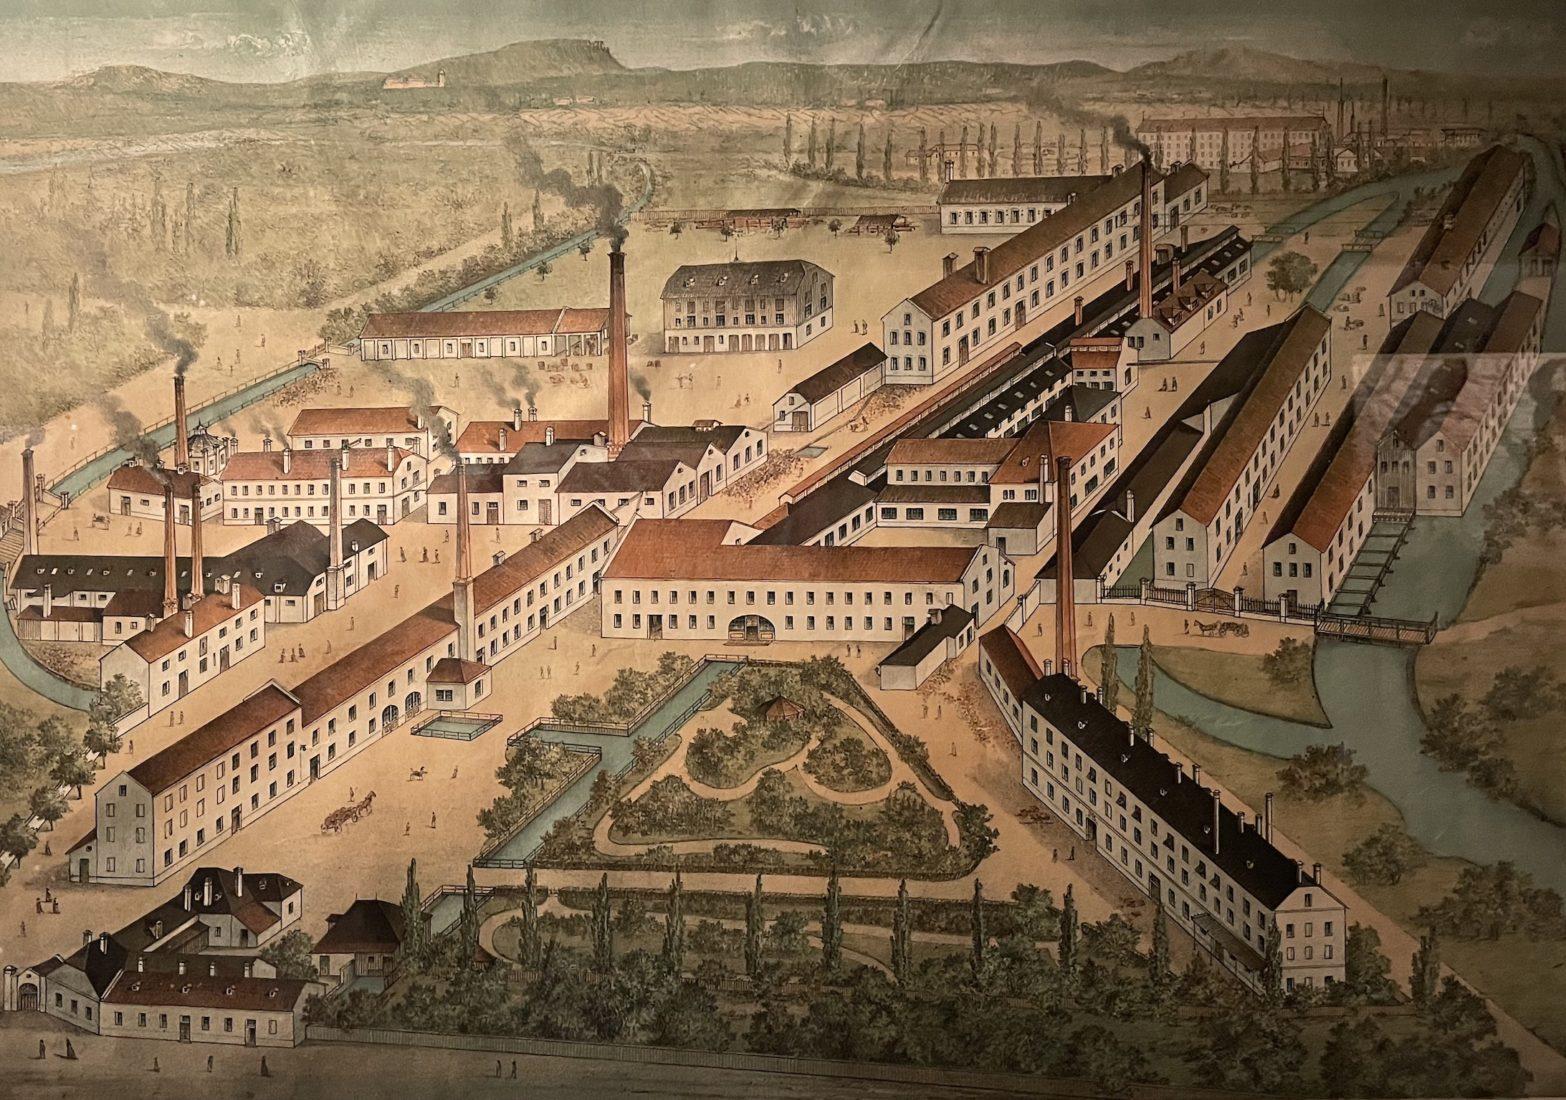 Château de Prangins exposition Indiennes. Fabrique Neunkirchen